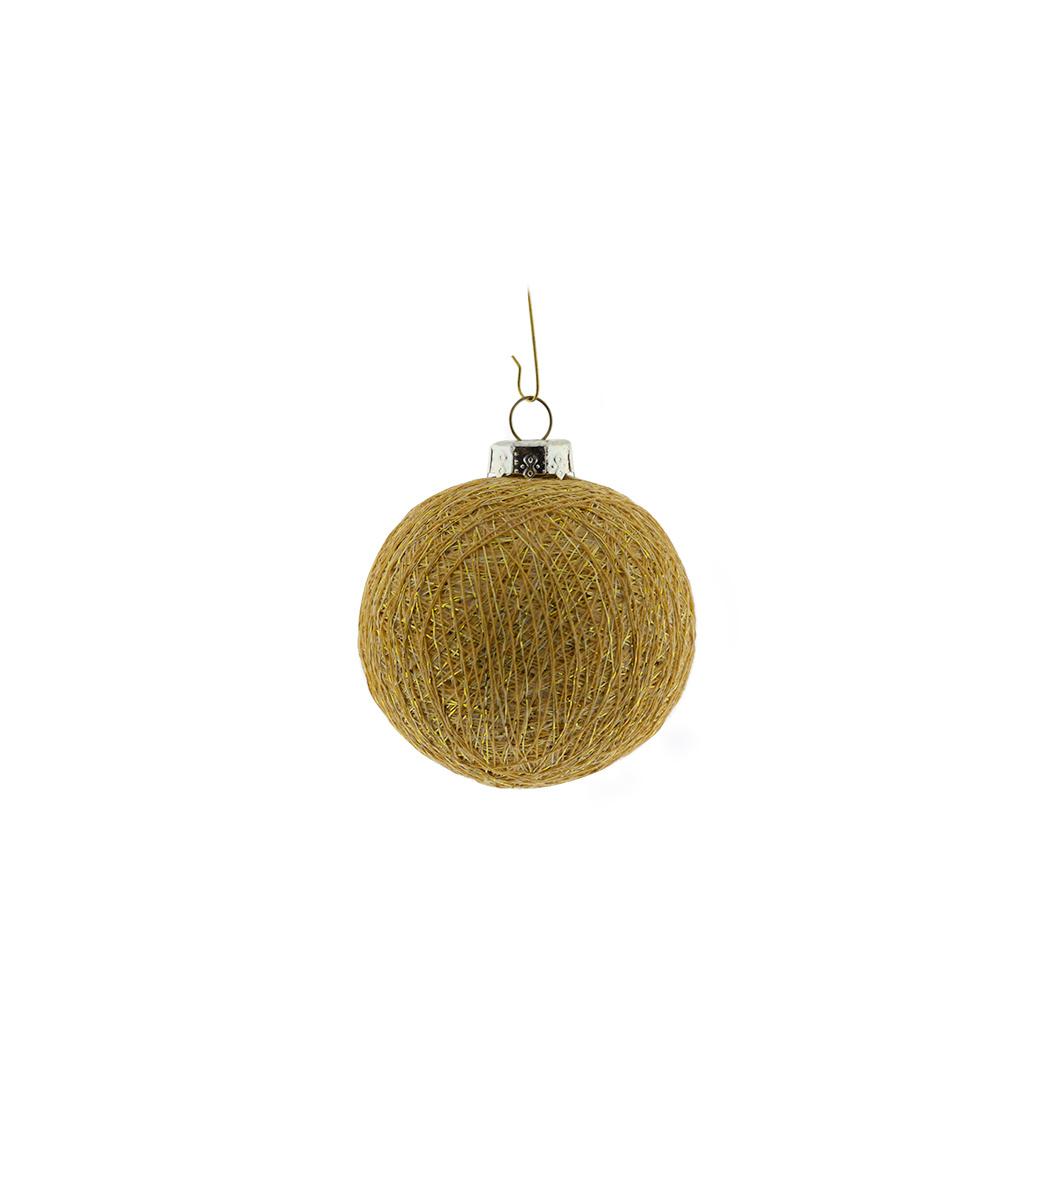 Cotton Ball Lighs kerstbal goud - Gold Brass